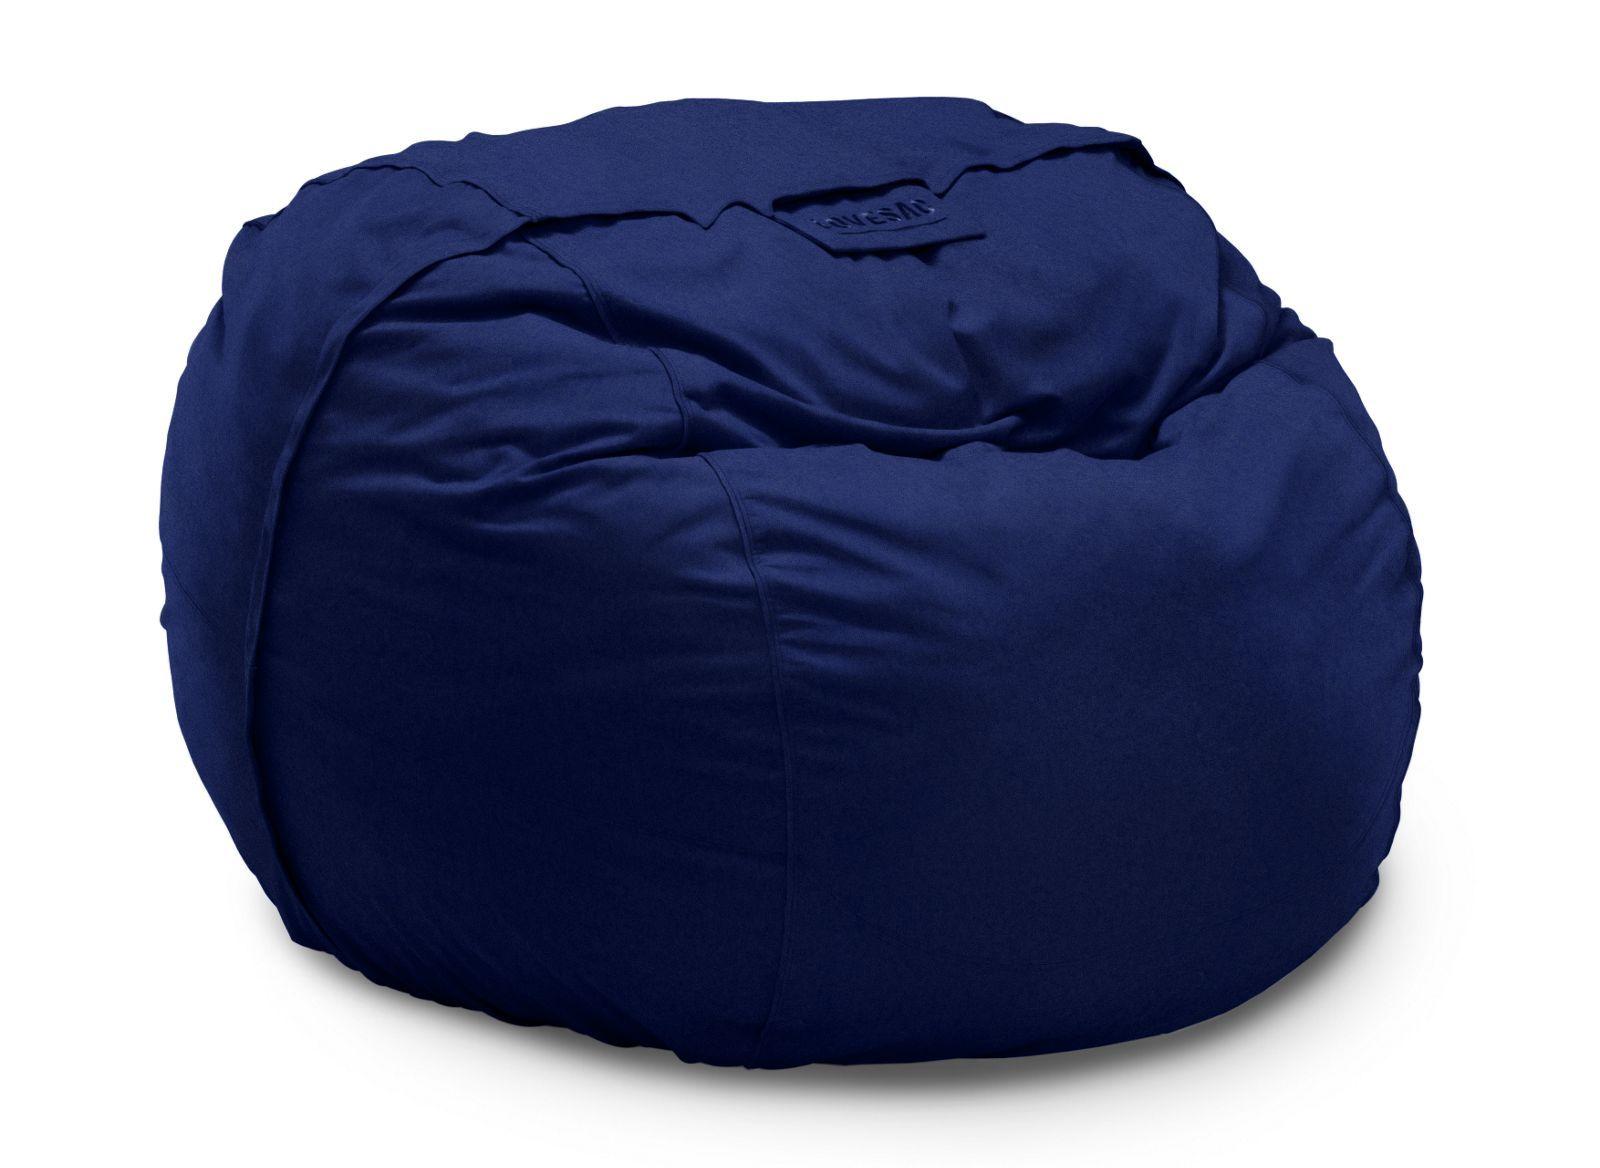 Giant Bean Bag Chair The BigOne Bean bag chair, Giant